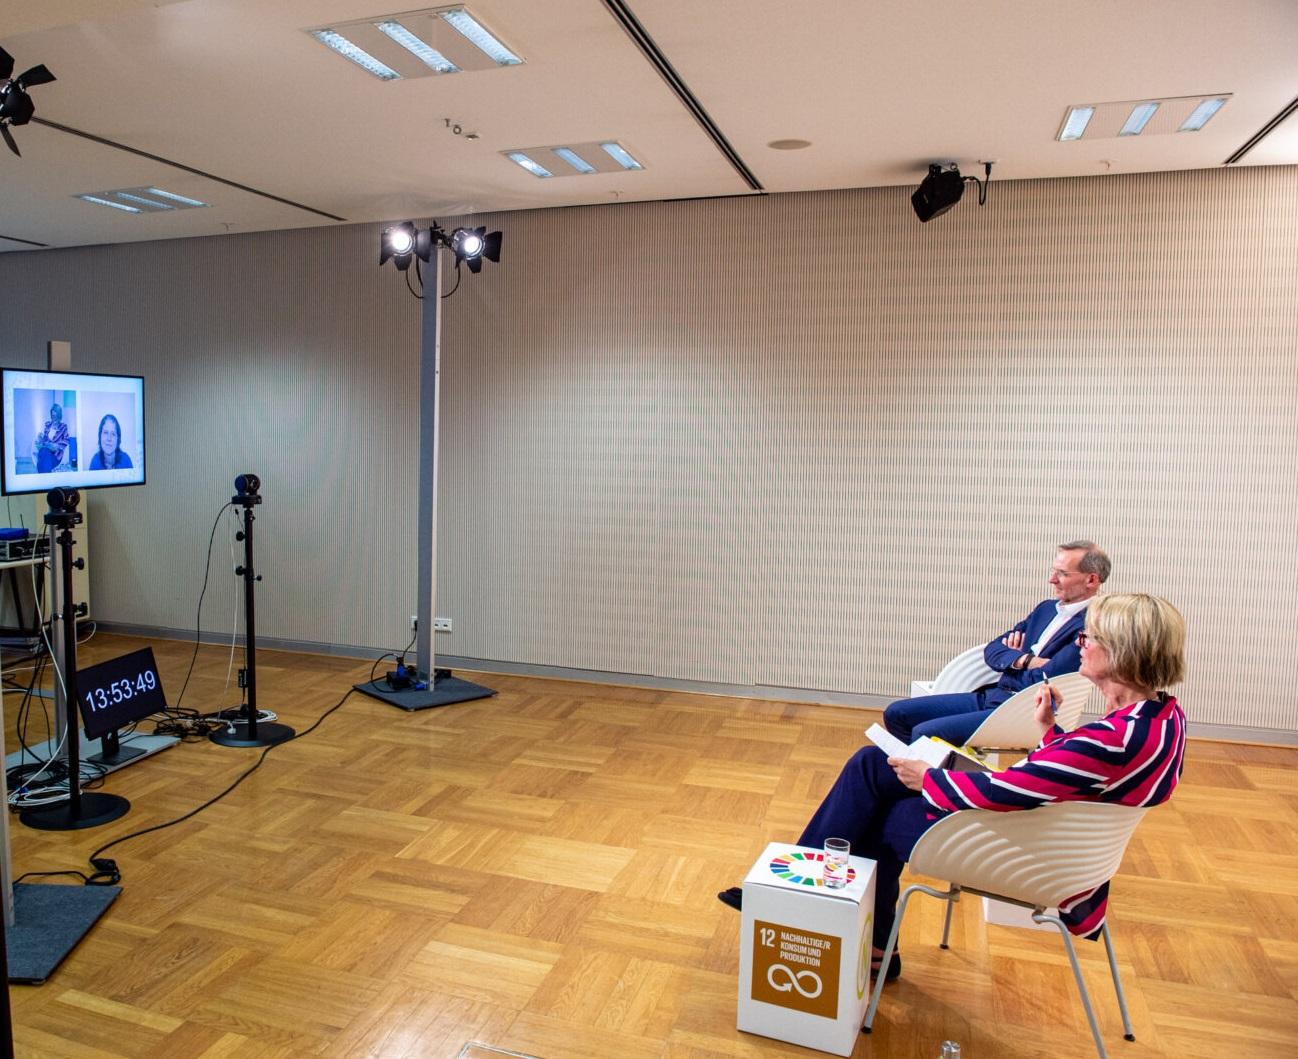 """Teilnehmerinnen und Teilnehmer des Themenforums """"Wie zirkuläres Wirtschaften zu einem Hebel für Klimaschutz und nachhaltige Entwicklung werden kann"""" auf der 20. Jahreskonferenz des Rates für Nachhaltige Entwicklung am 08.06.2021 (Online-Konferenz). Foto: Ralf Rühmeier © RNE"""